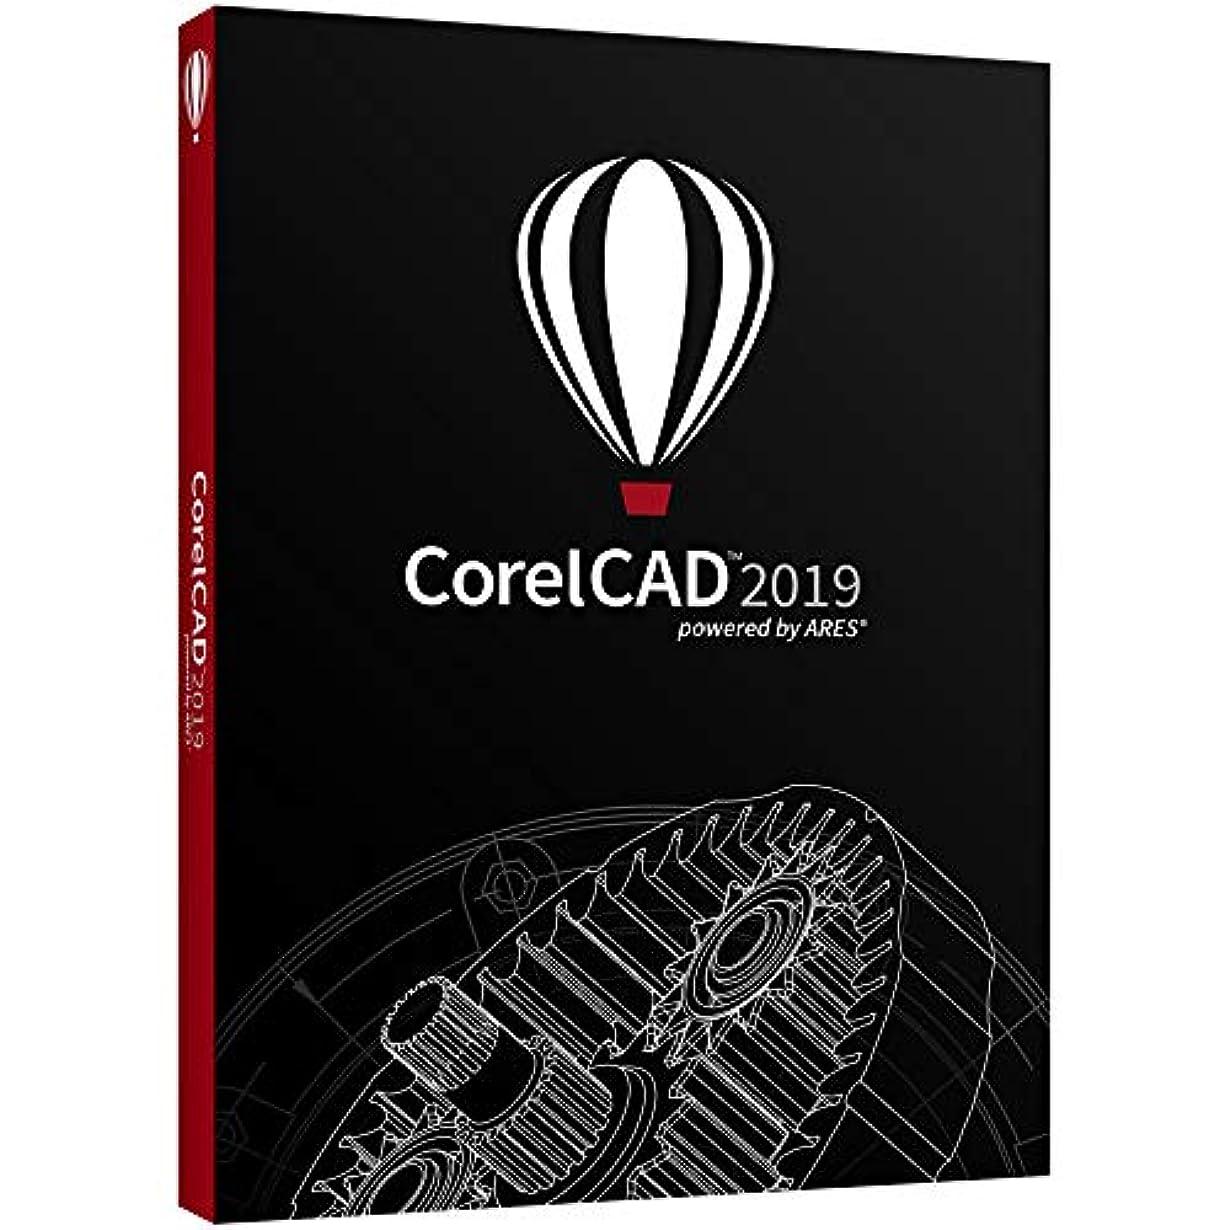 ラフト雪挽くCorel CAD 2019 Education Edition, 別途 CorelCAD 2019 レビュアーズガイド(英語) 付き [並行輸入品] (Mac/Windows)